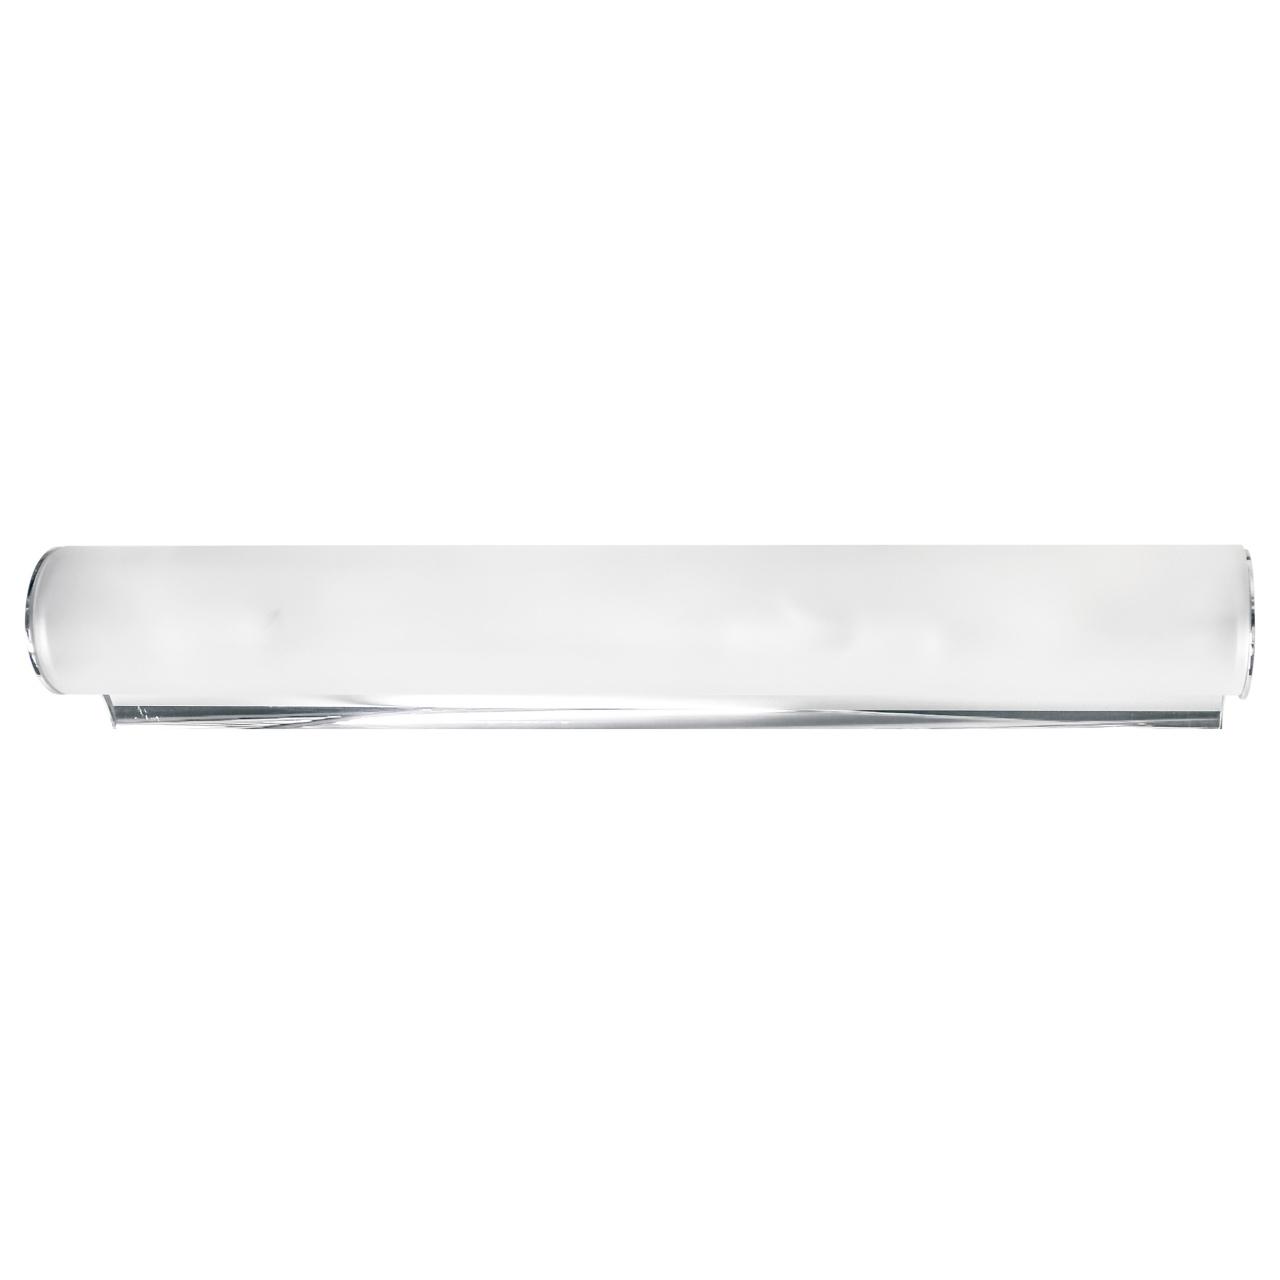 Светильник настенный Blanda 3х40W E14 хром / белый Lightstar 801830